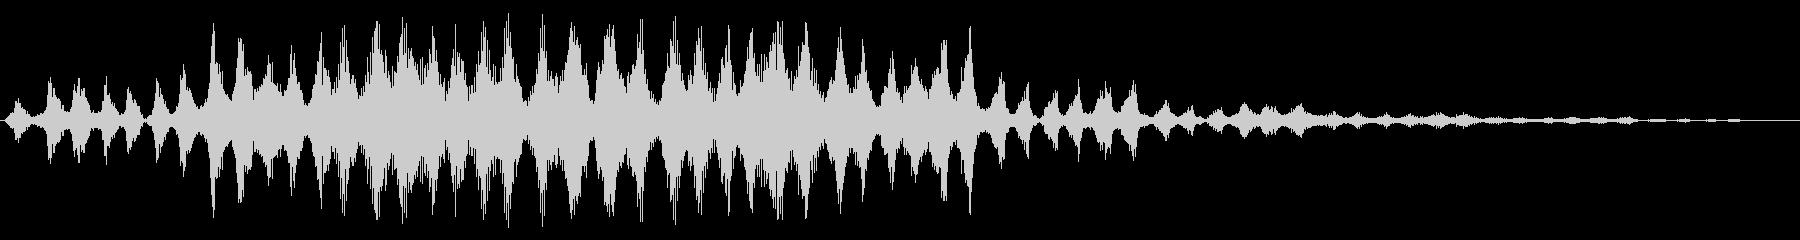 カシャカシャカシャ〜(宇宙人の会話)の未再生の波形